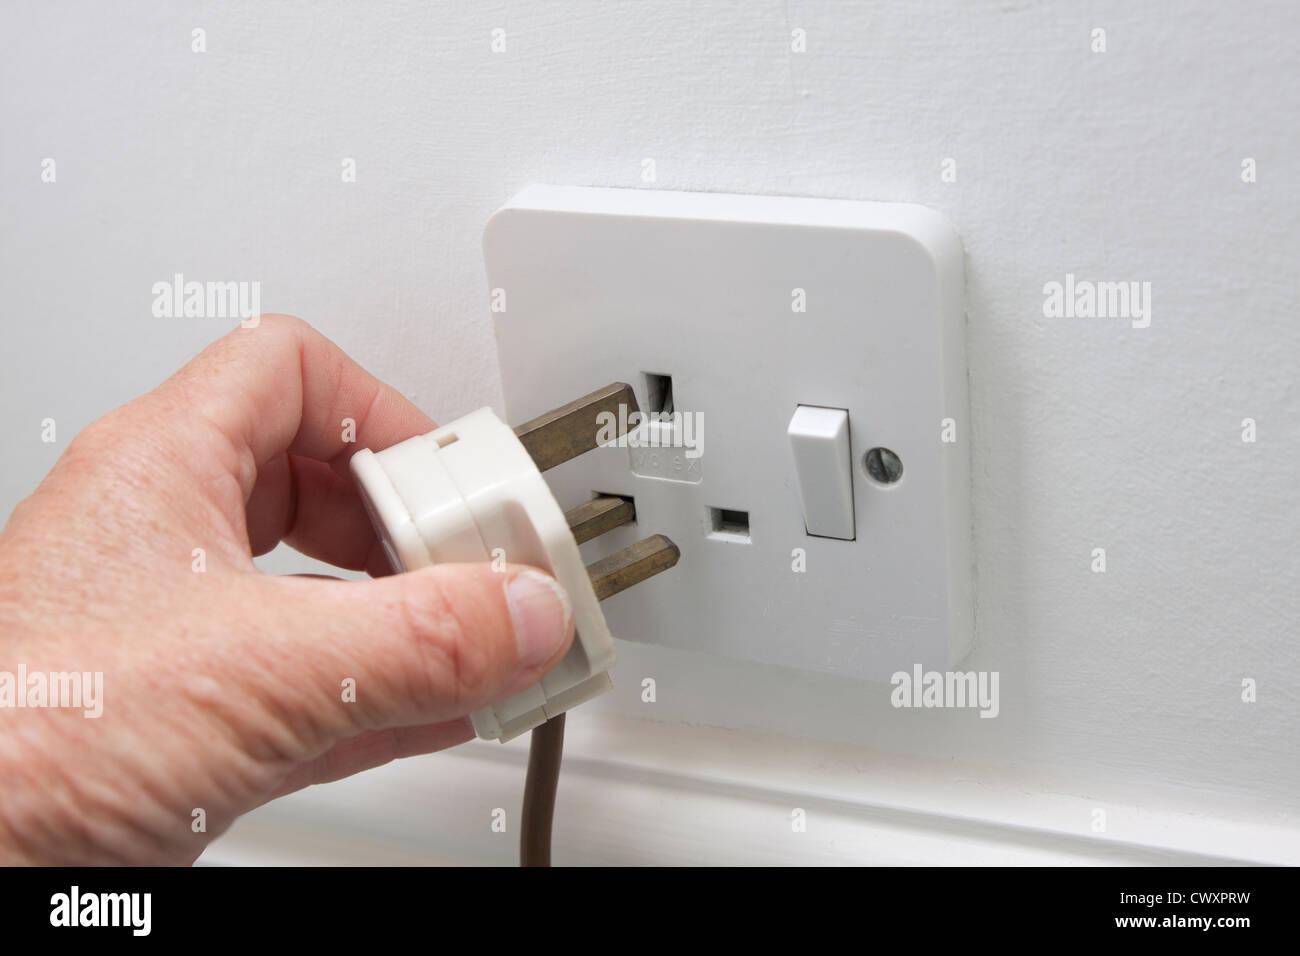 European Plug Stock Photos & European Plug Stock Images - Alamy